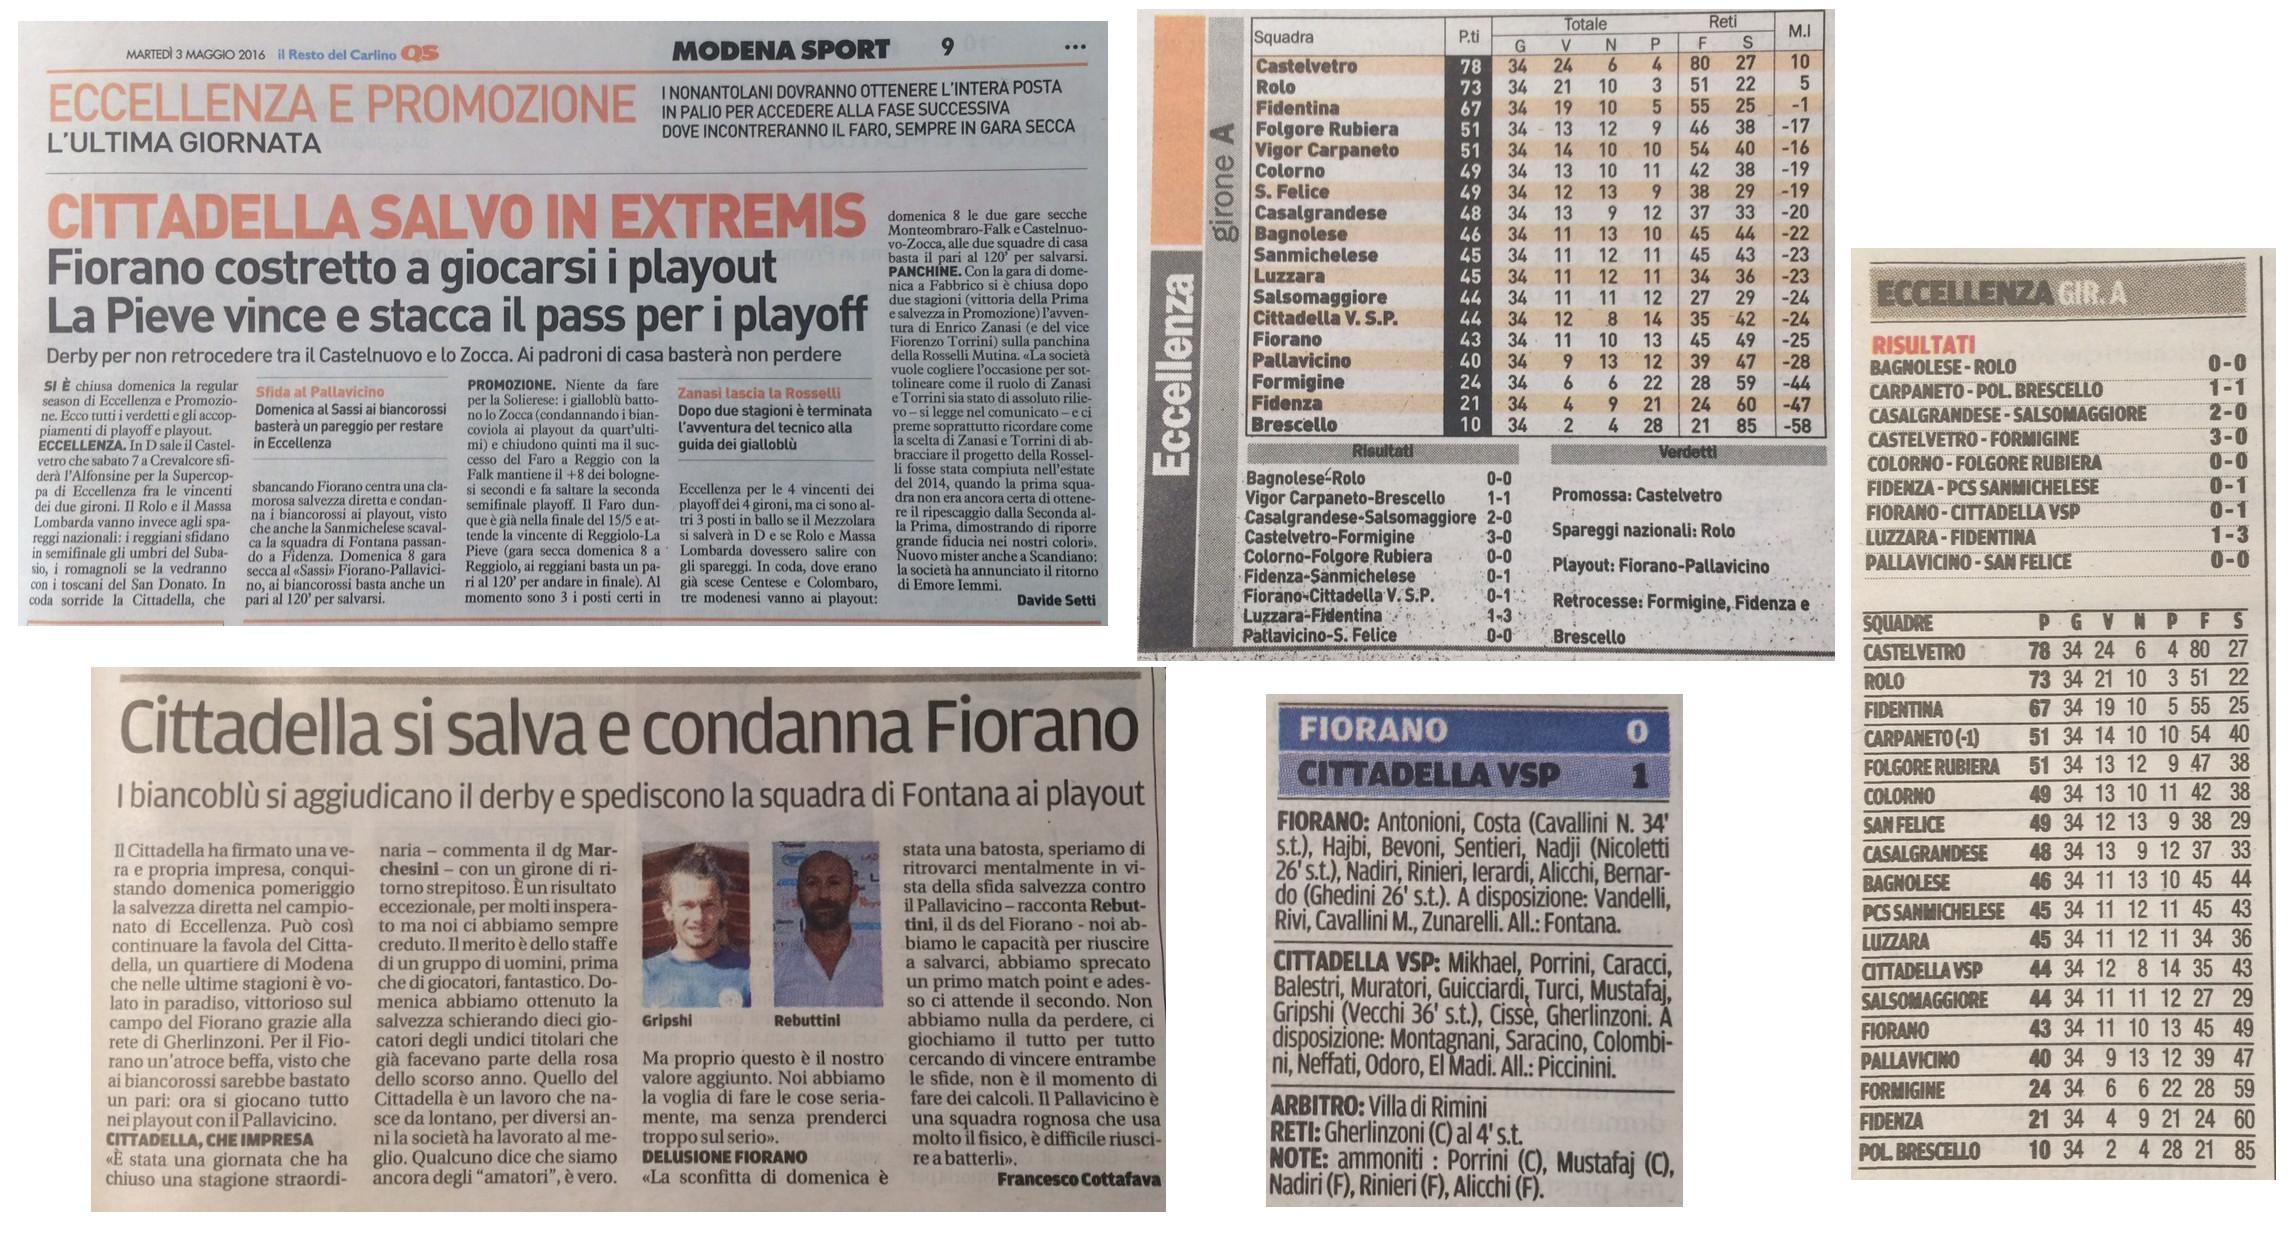 Rassegna Stampa Martedì 3 Maggio 2016 - AC Fiorano